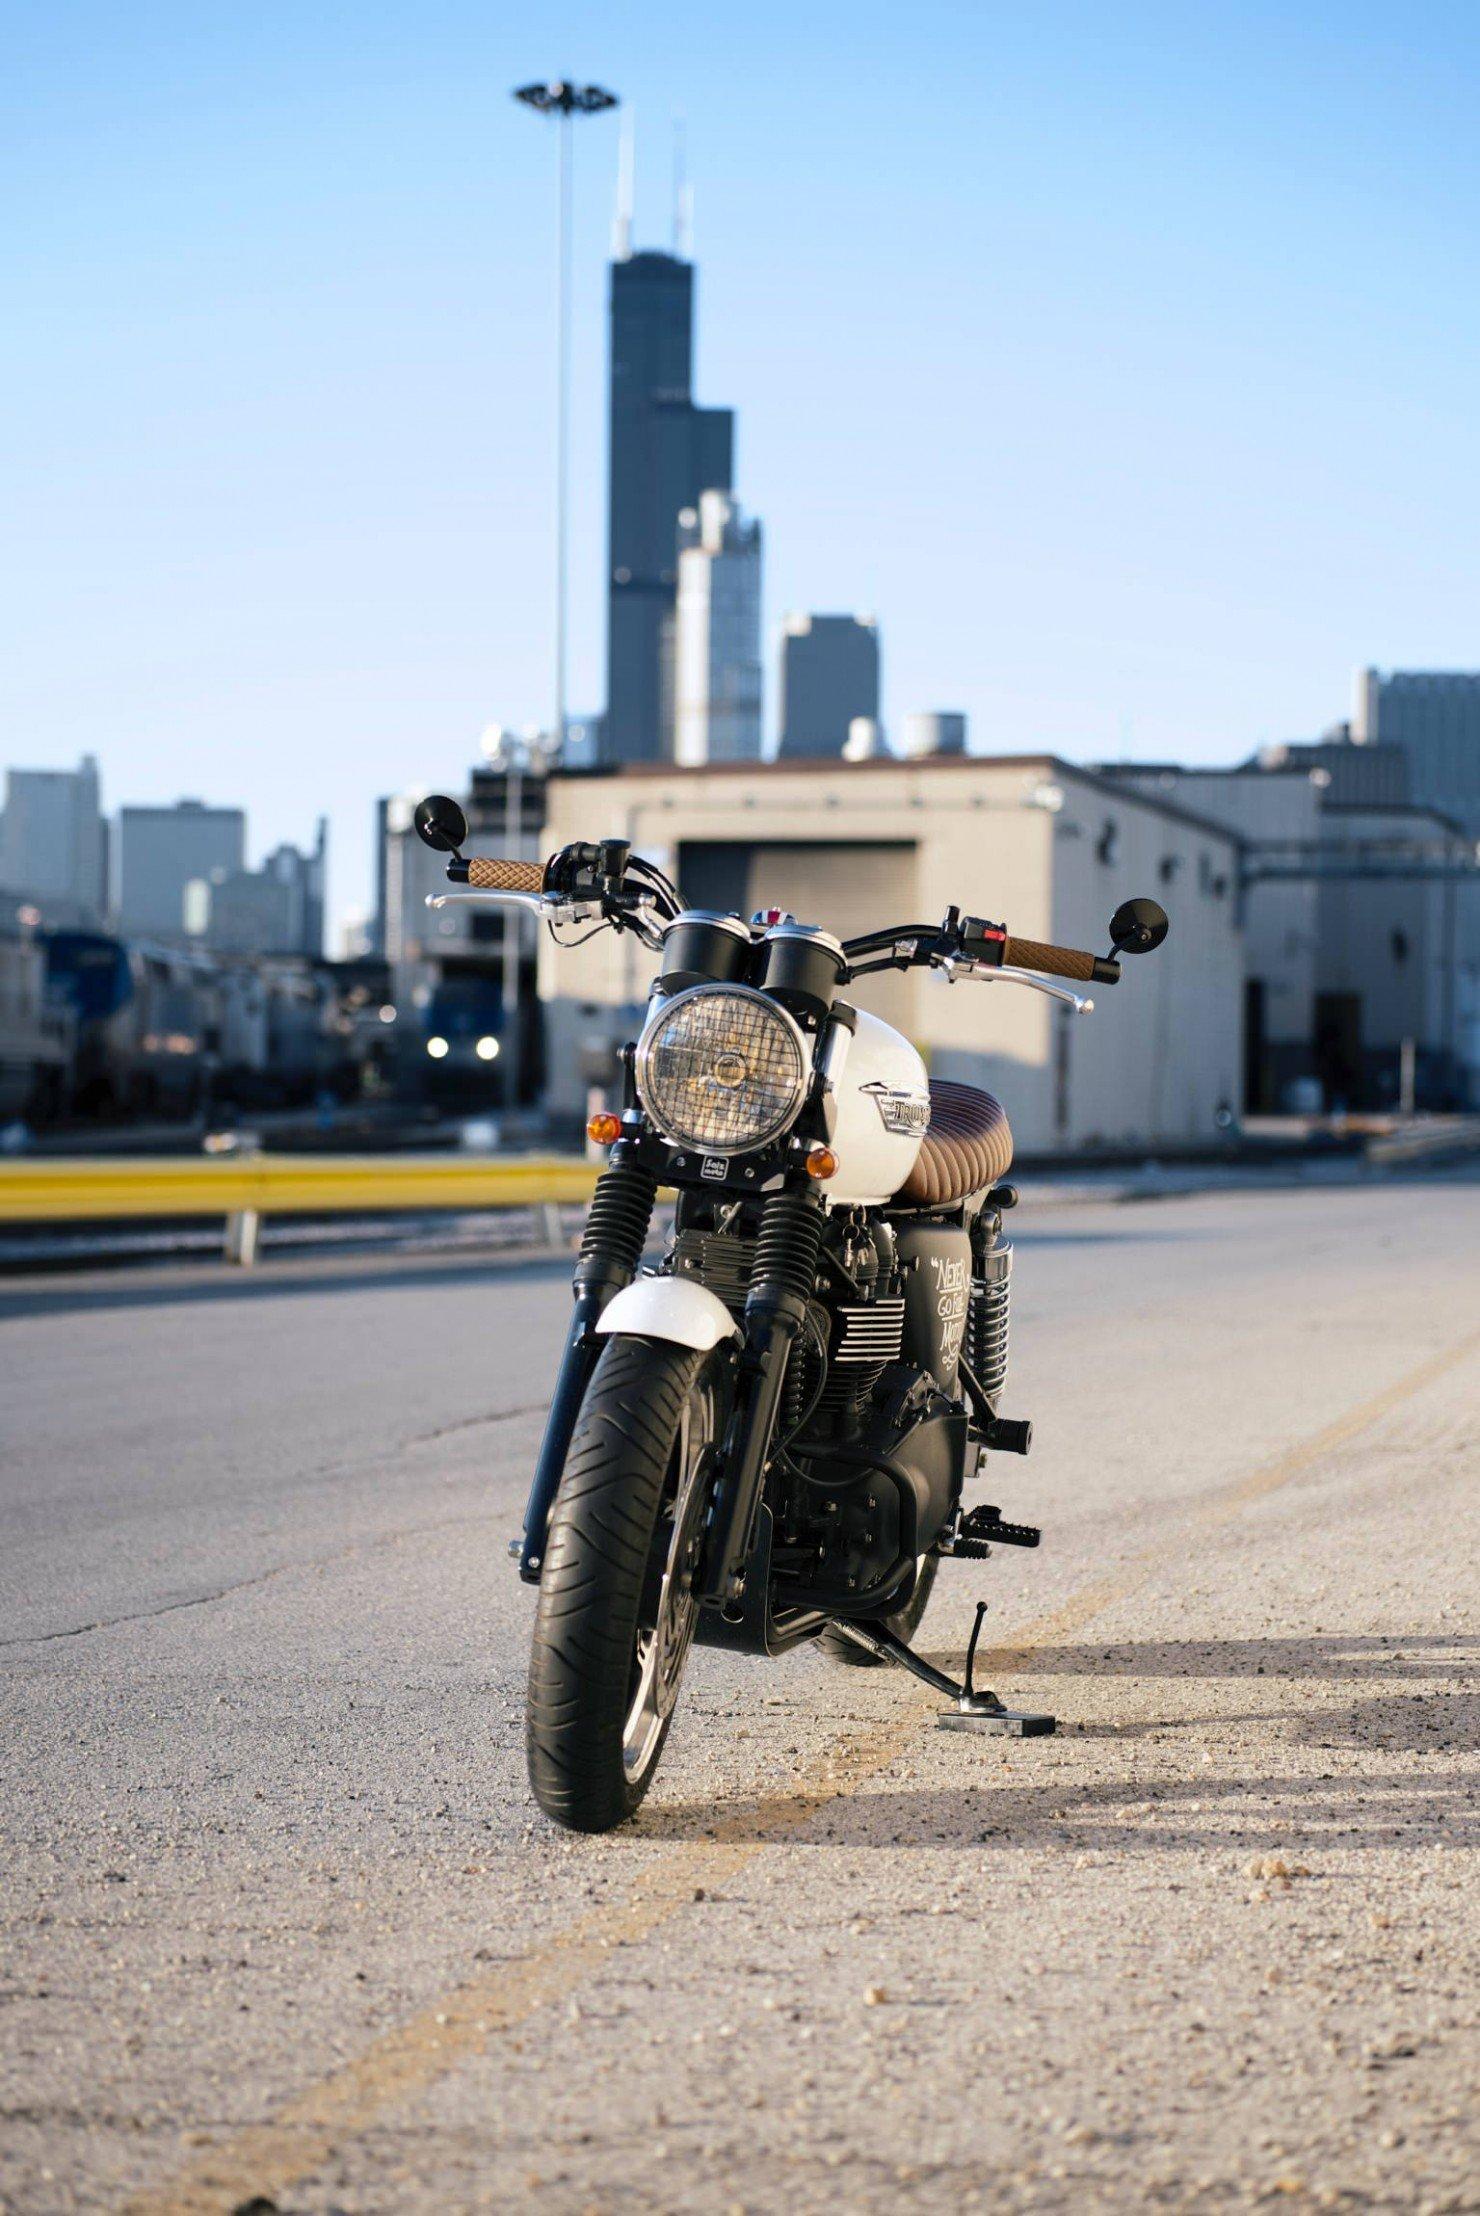 Triumph_Bonneville_Motorcycle_2